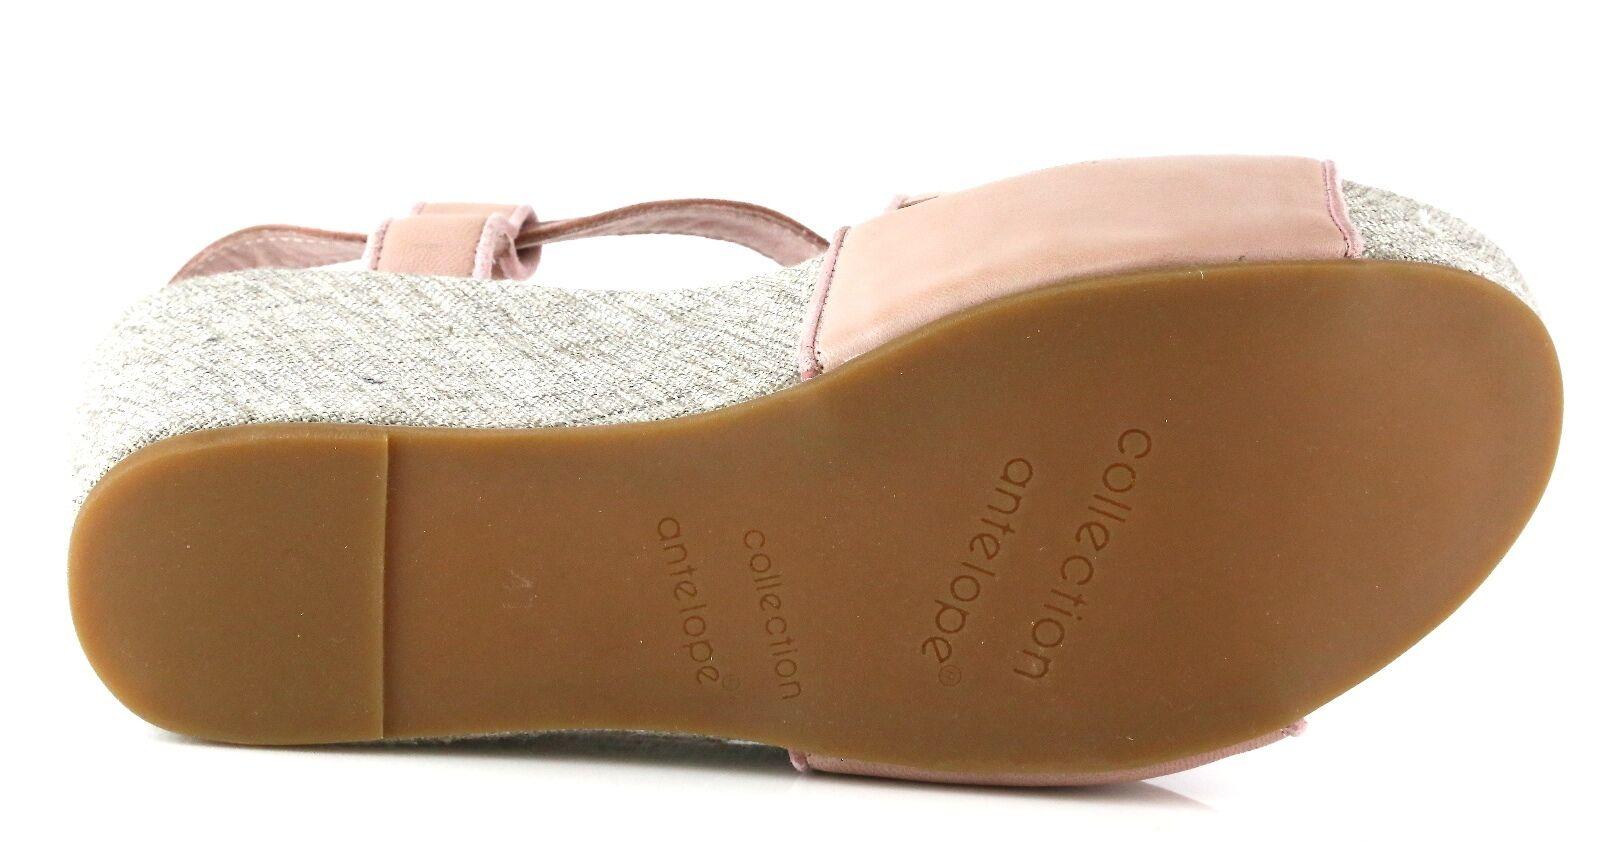 Antelope 858 Pink Leder Wedge Sandales 7050 Größe 39 EU EU 39 NEW 7c3b47